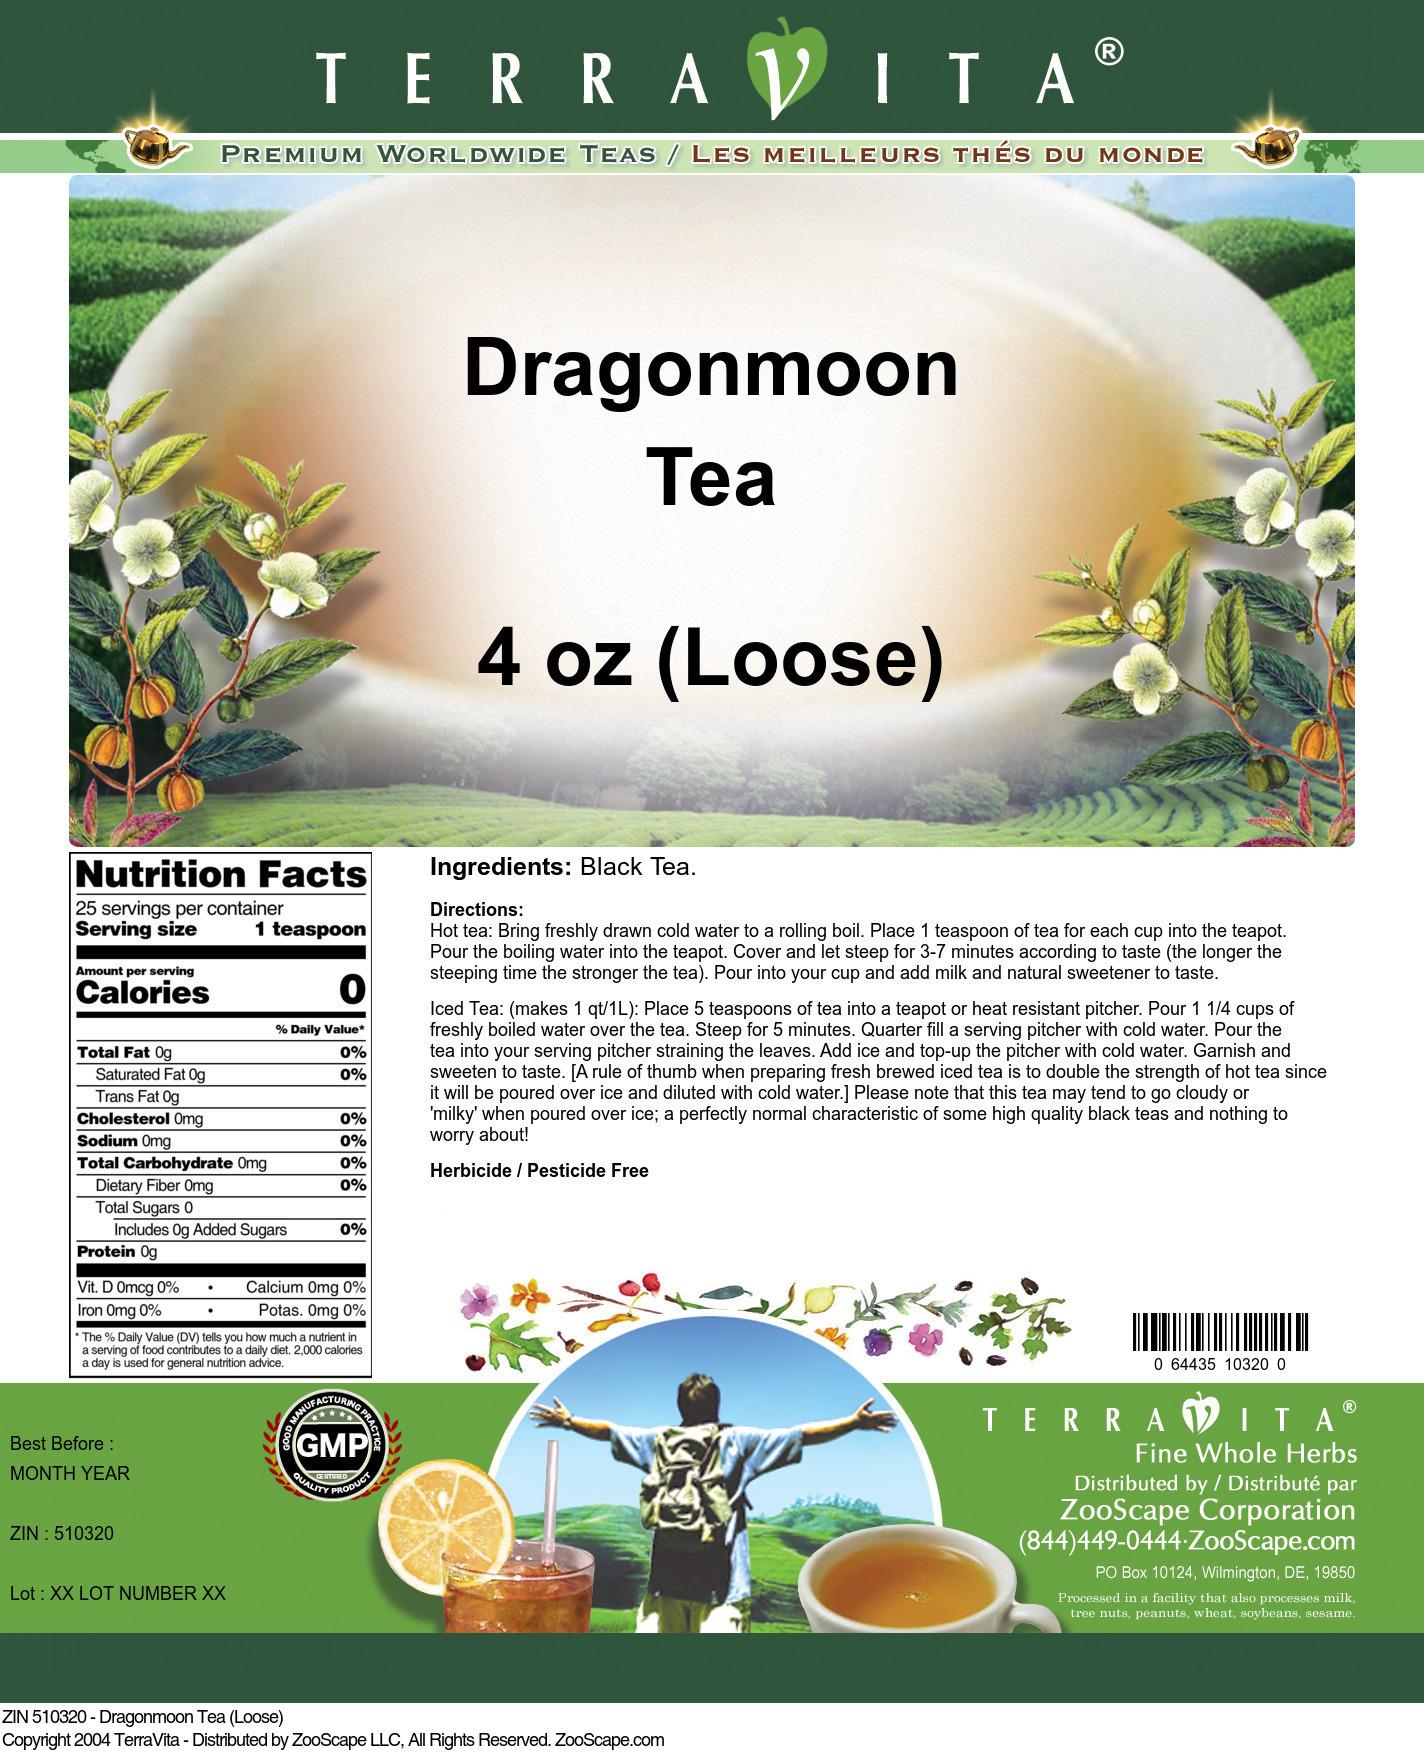 Dragonmoon Tea (Loose)